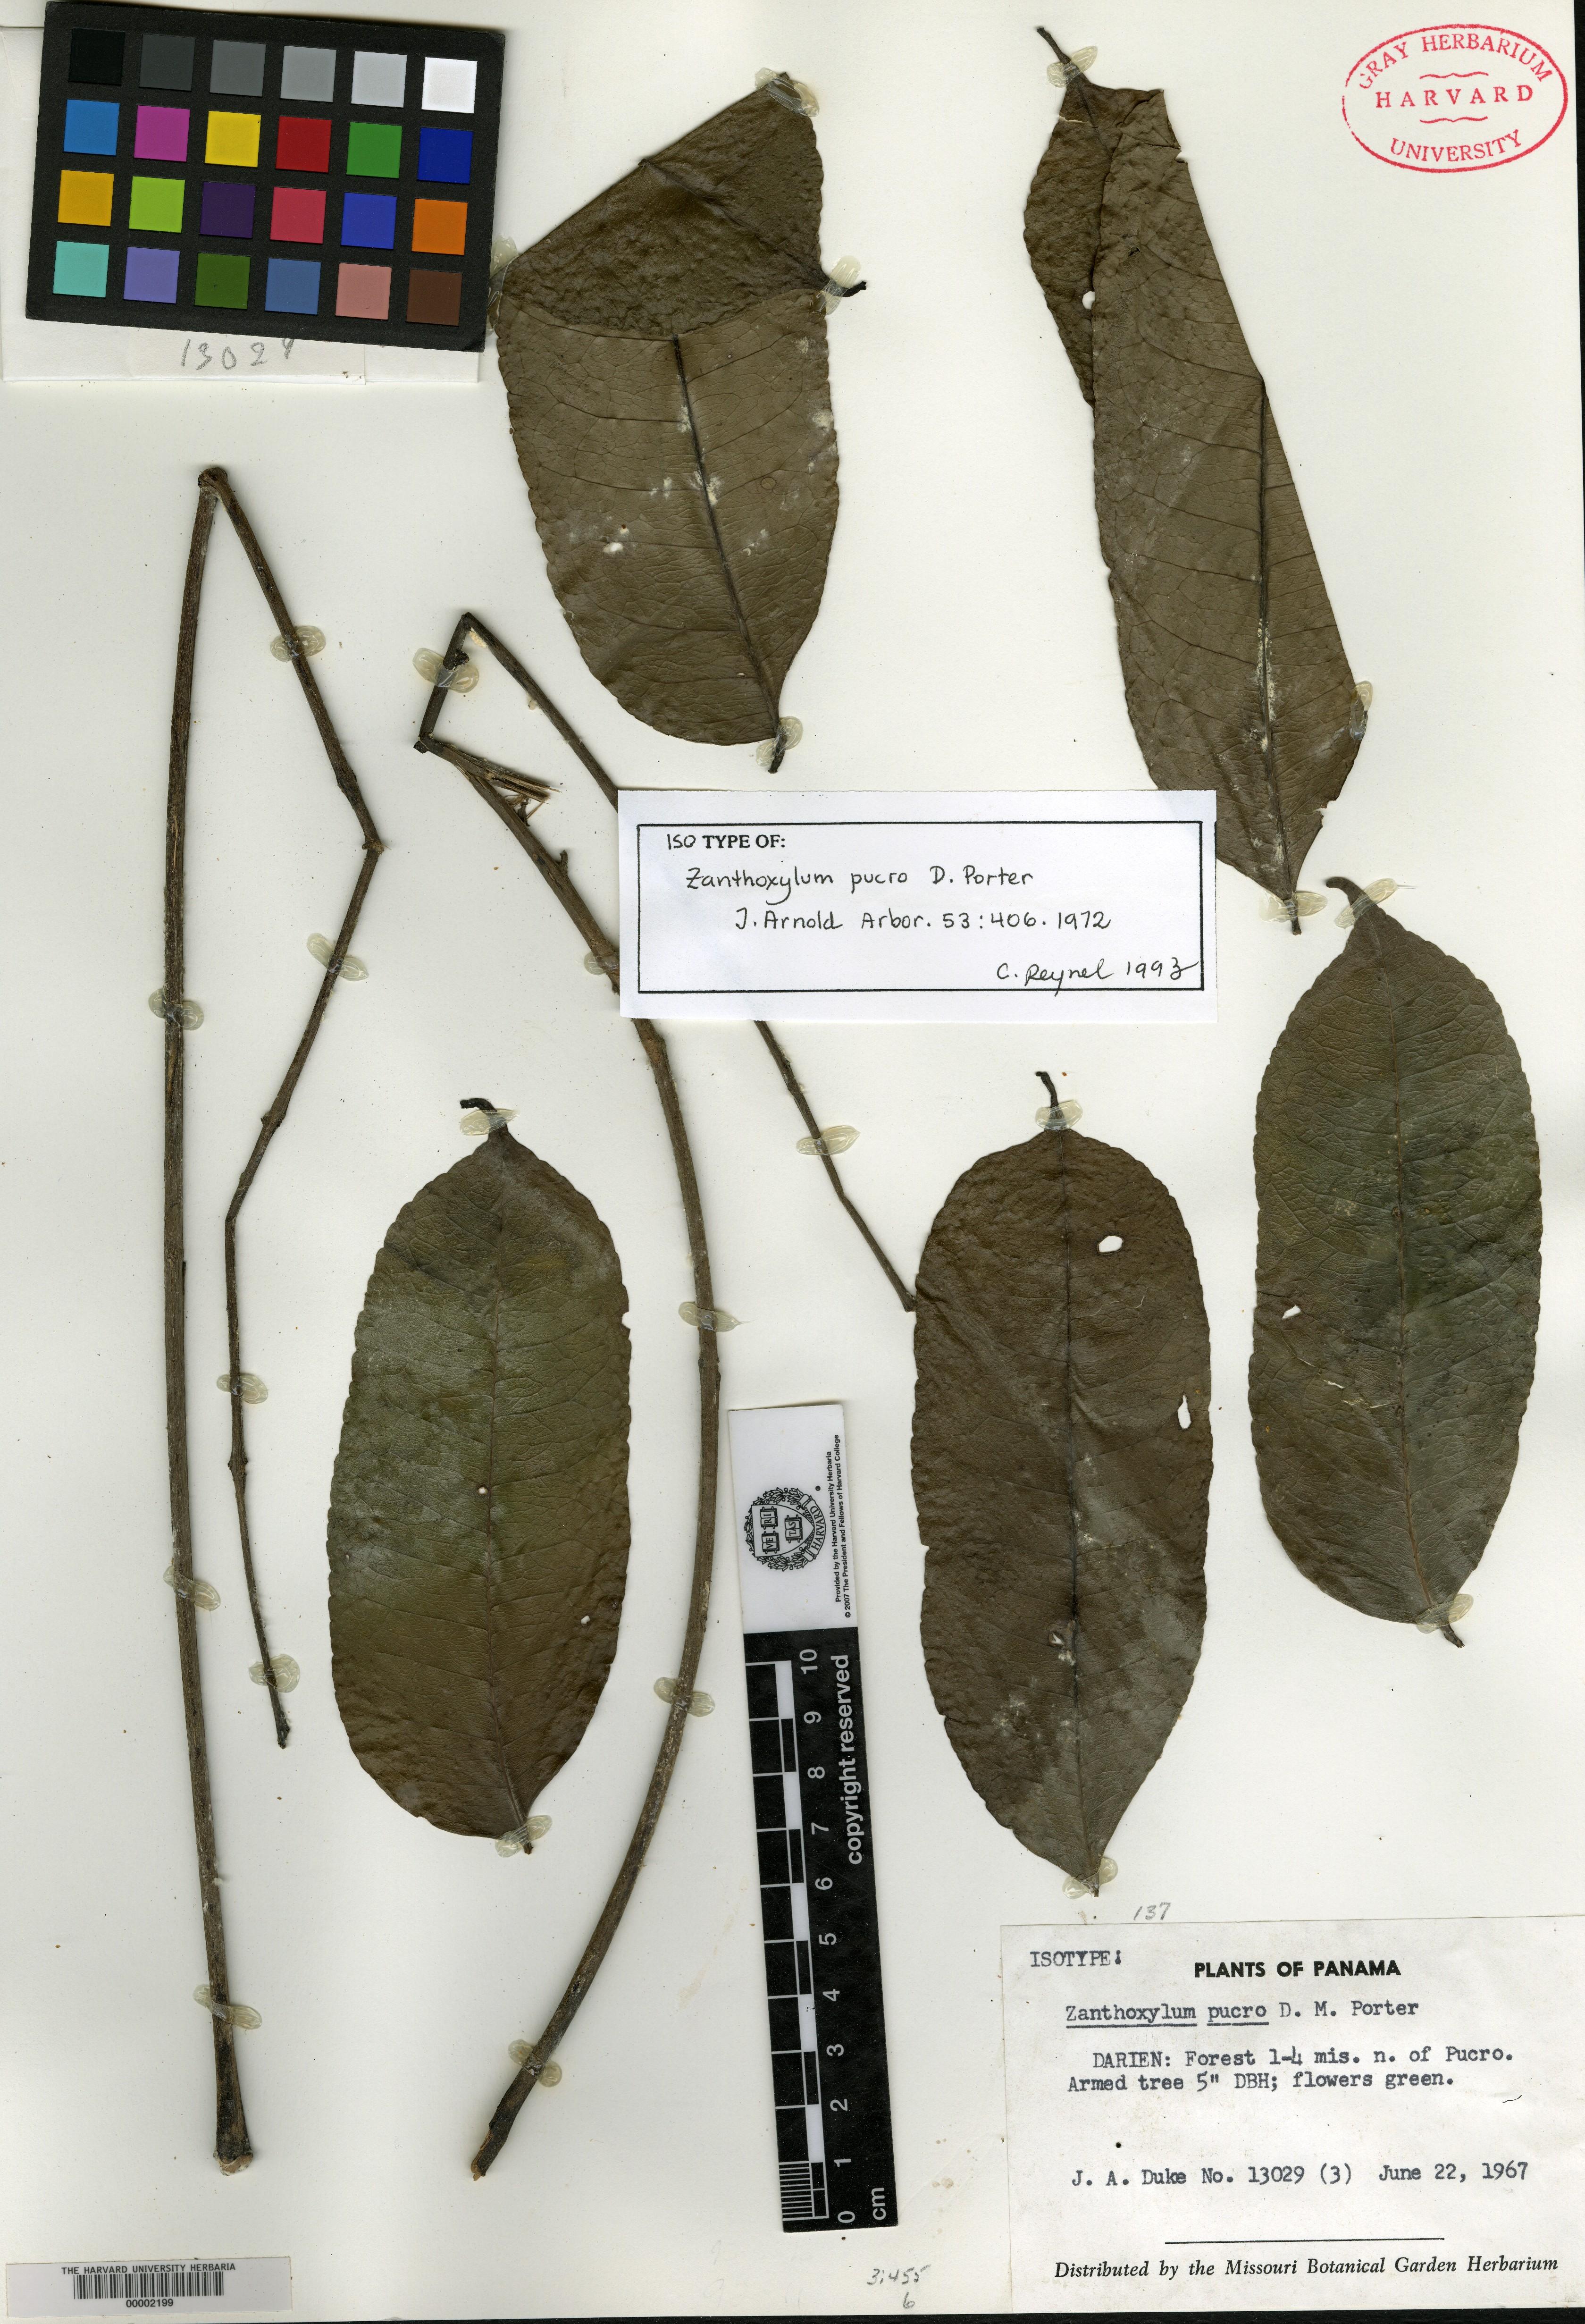 Zanthoxylum pucro image